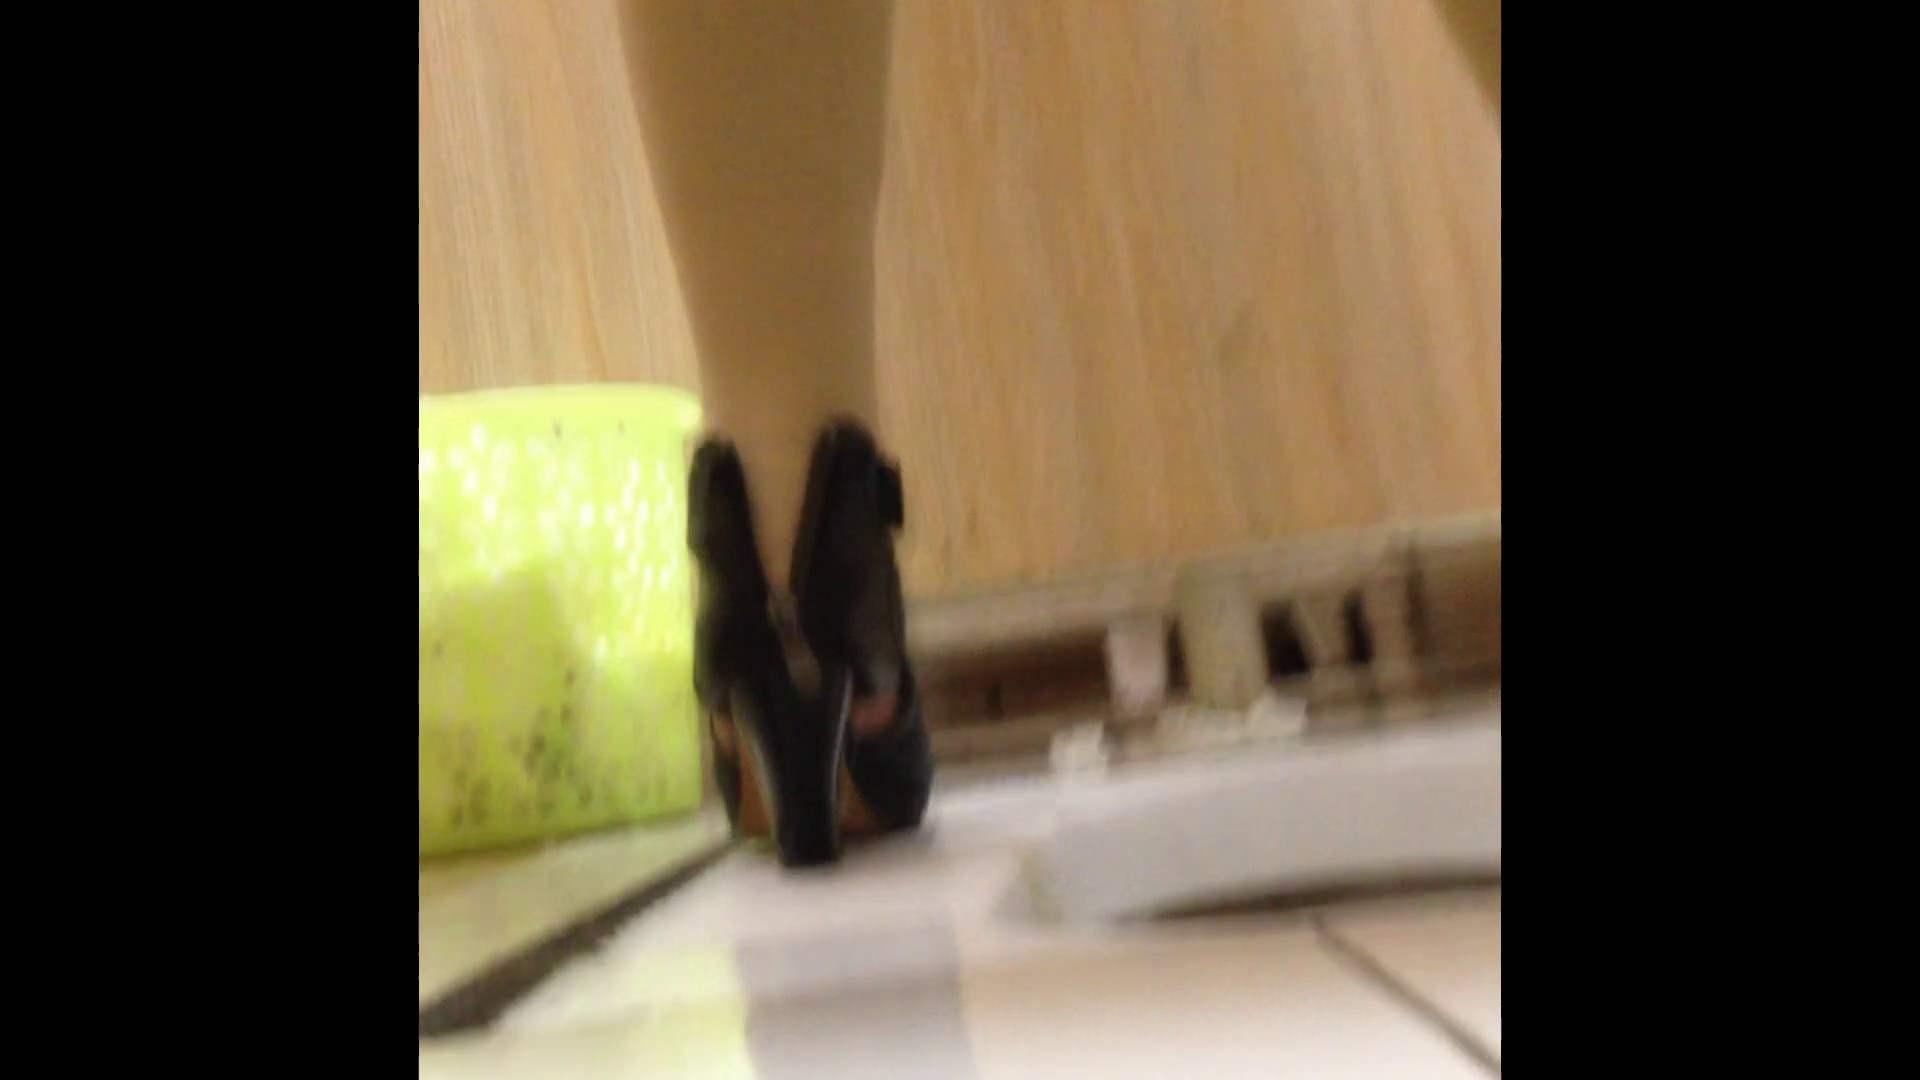 芸術大学ガチ潜入盗撮 JD盗撮 美女の洗面所の秘密 Vol.86 潜入 盗撮われめAV動画紹介 93pic 70